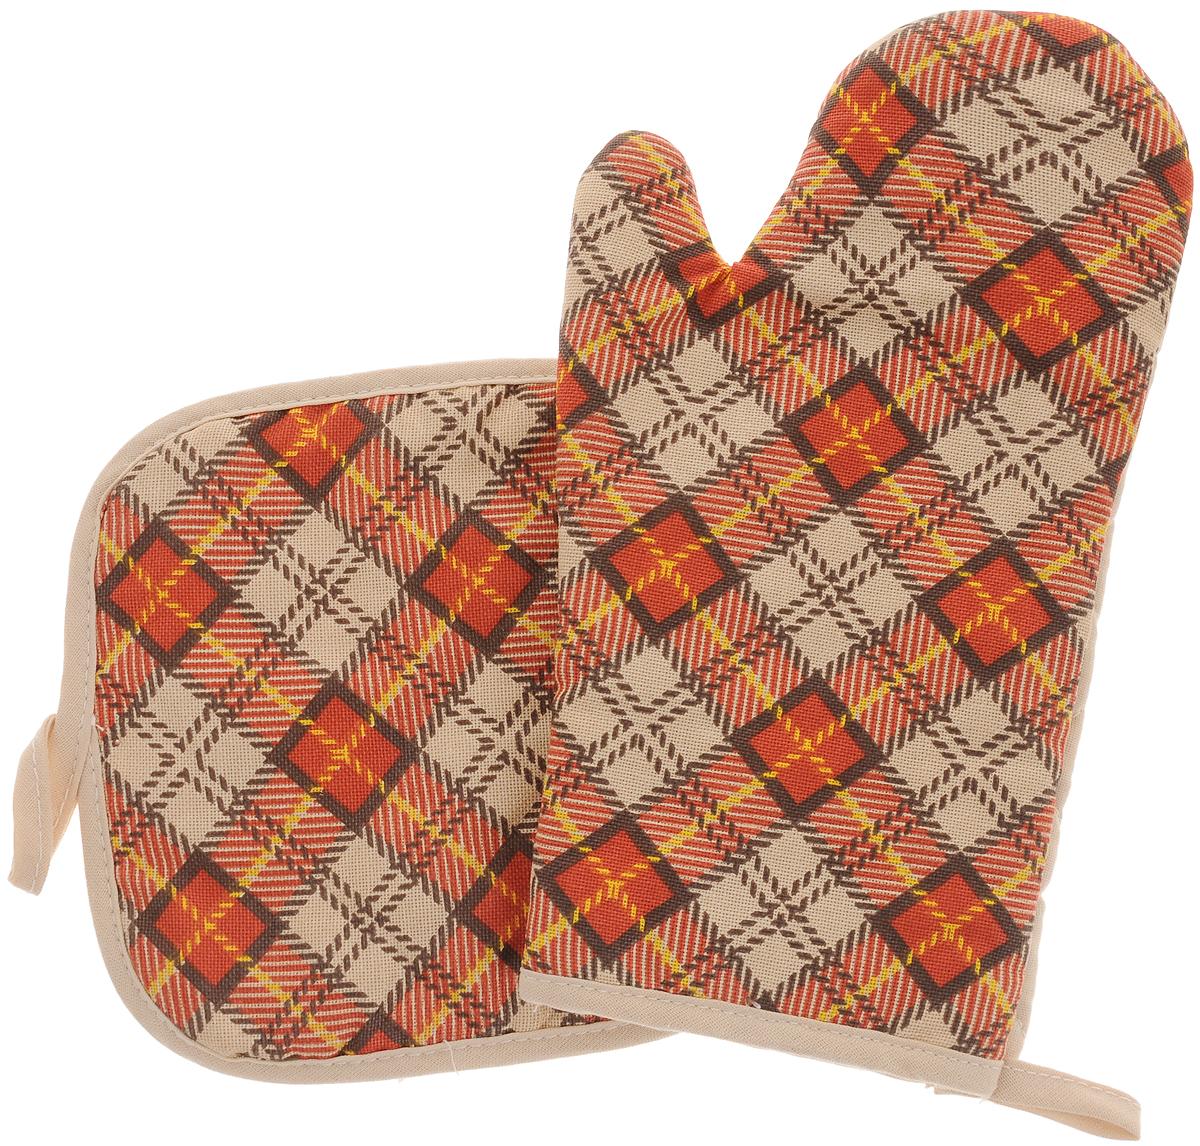 Набор прихваток Bonita Принц Уэльский, 2 предметаVT-1520(SR)Набор Bonita Принц Уэльский состоит из прихватки-рукавицы и квадратной прихватки. Изделия выполнены из натурального хлопка и декорированы оригинальным рисунком. Прихватки простеганы, а края окантованы. Оснащены специальными петельками, за которые их можно подвесить на крючок в любом удобном для вас месте. Такой набор красиво дополнит интерьер кухни. Размер прихватки-рукавицы: 16 х 28 см.Размер прихватки: 17 х 17 см.